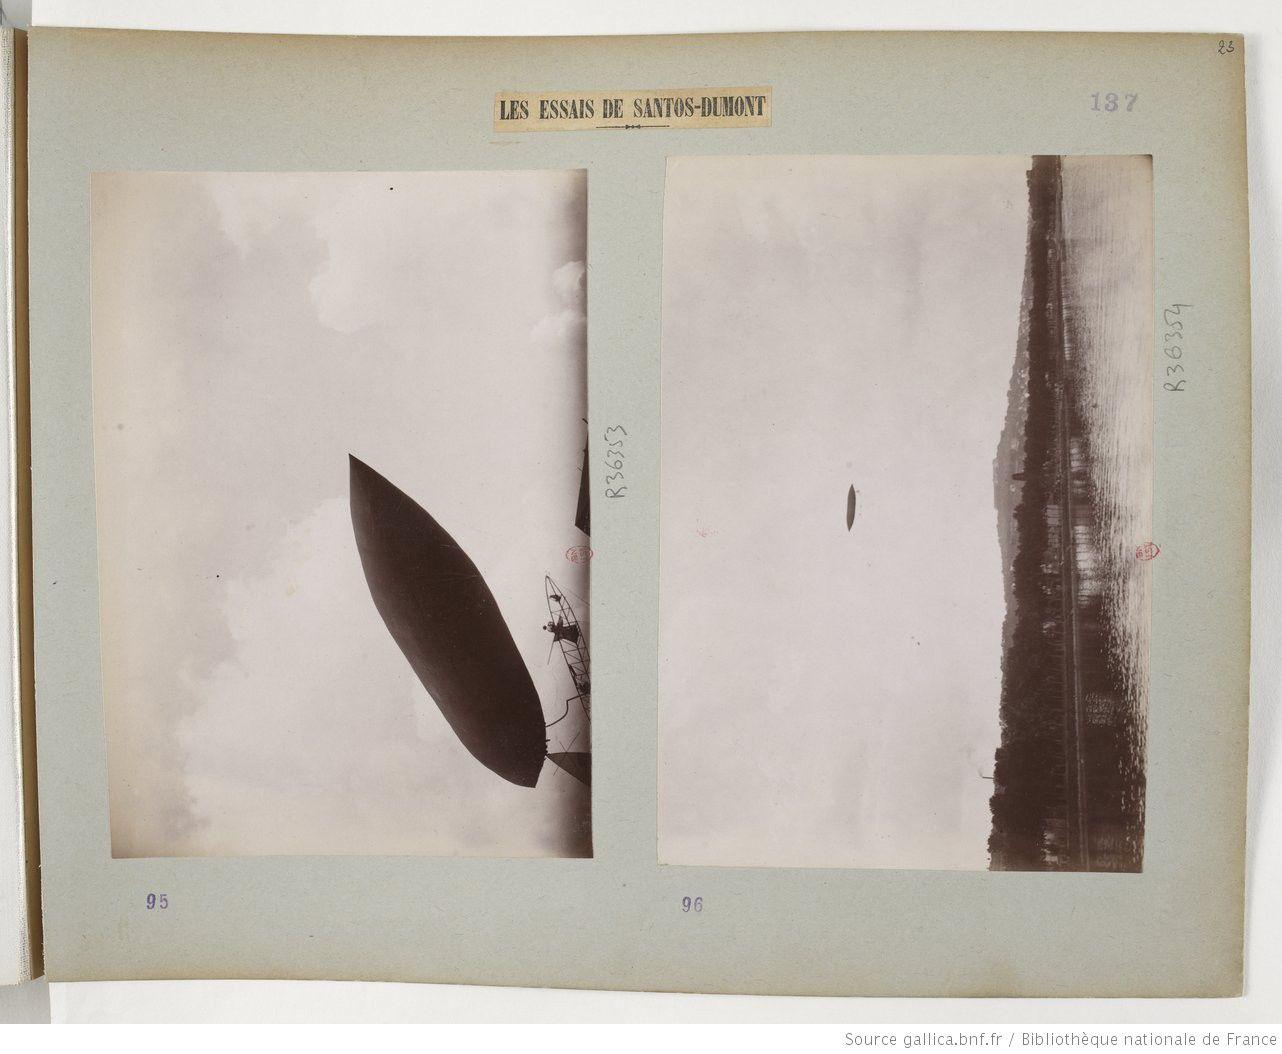 Le jour où Santos-Dumont tomba au parc Rothschild